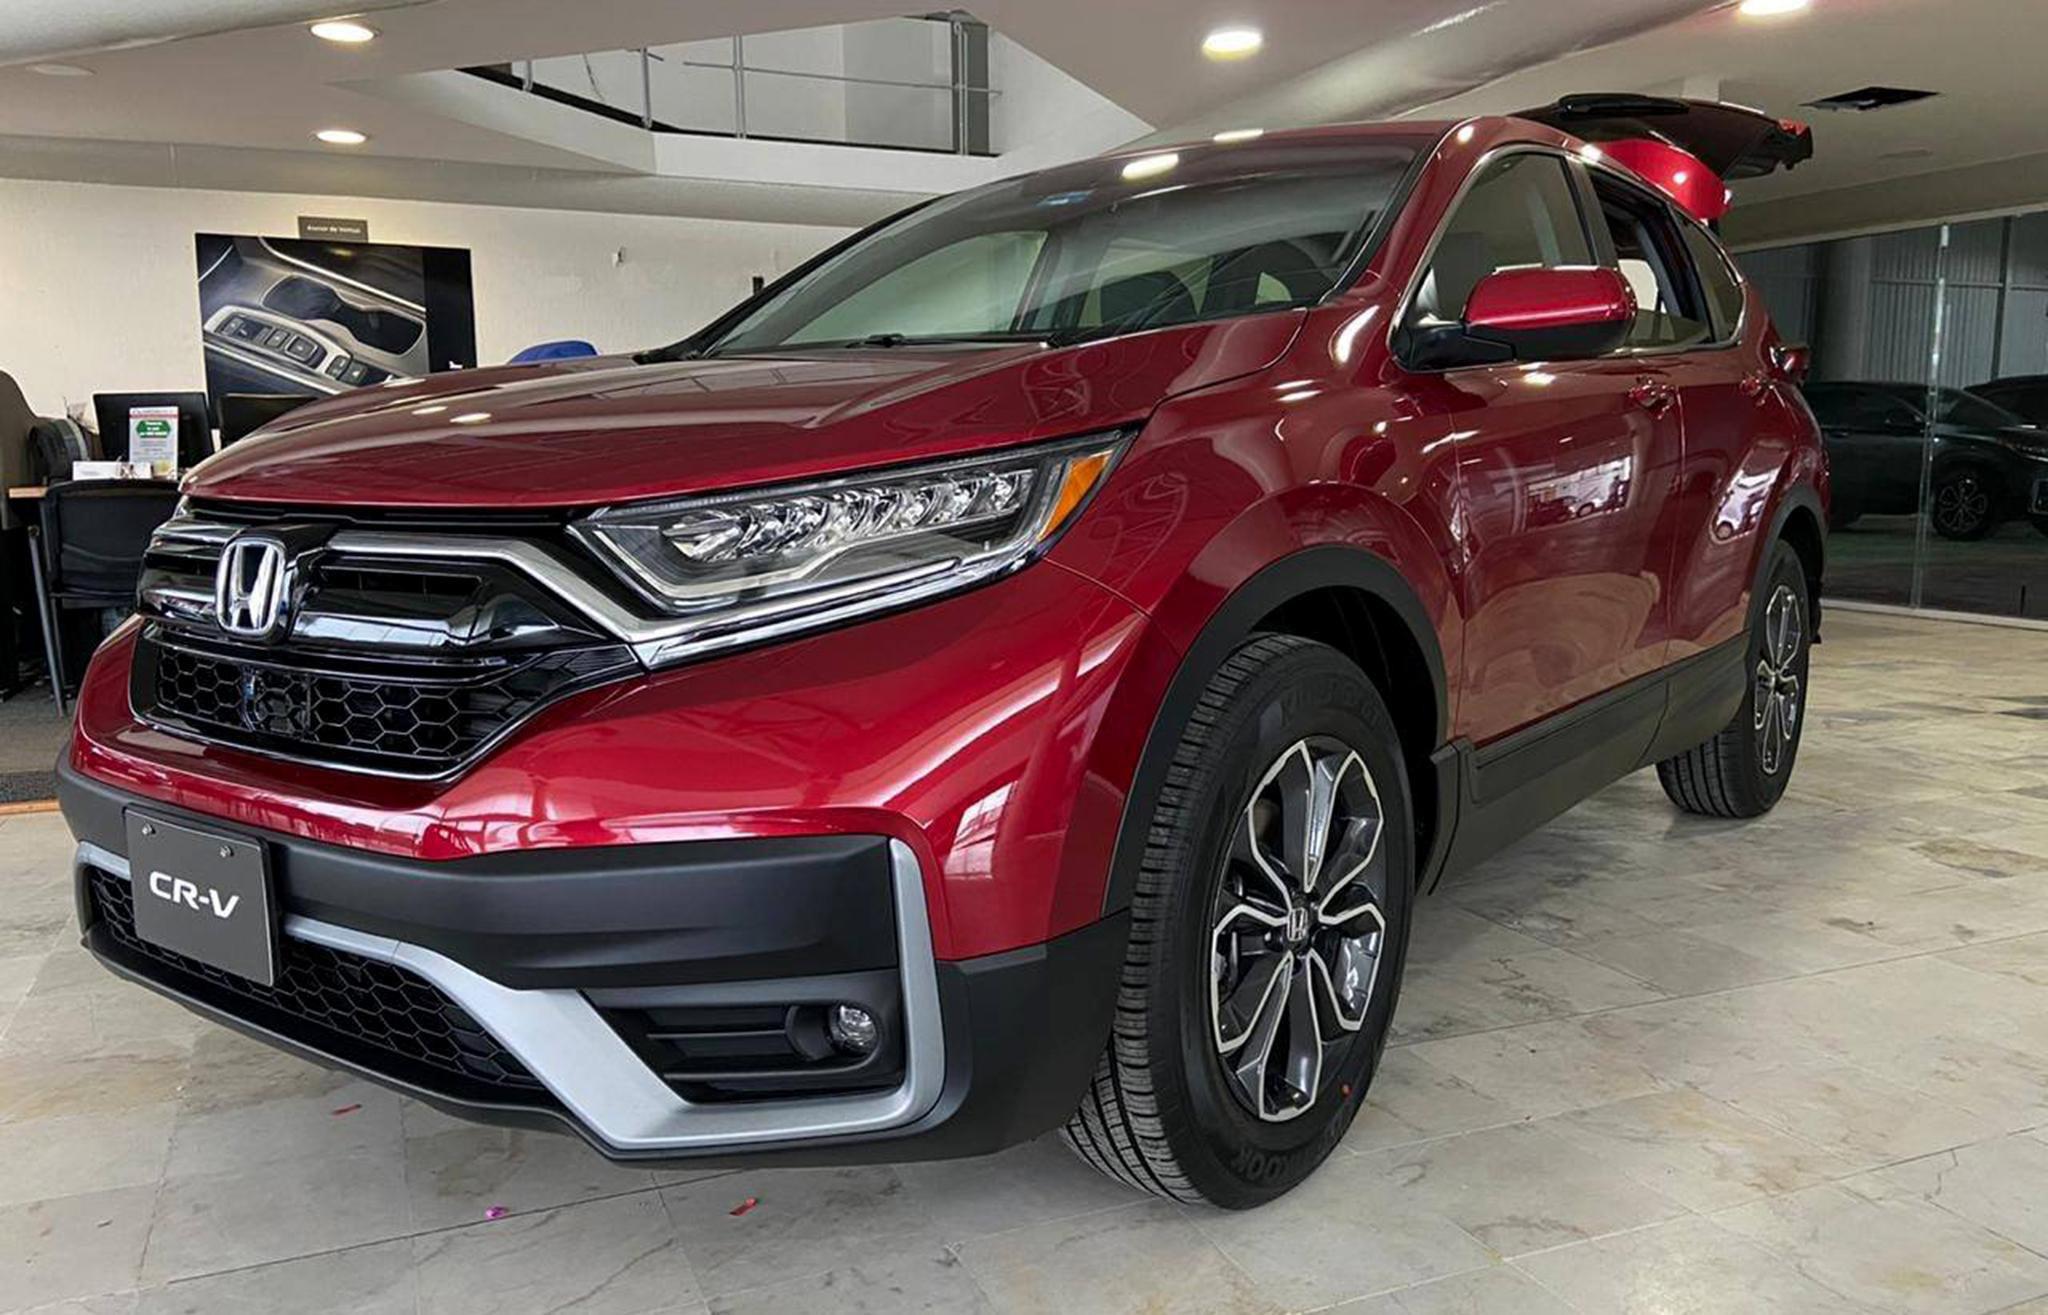 Honda CRV khuyến mãi hấp dẫn